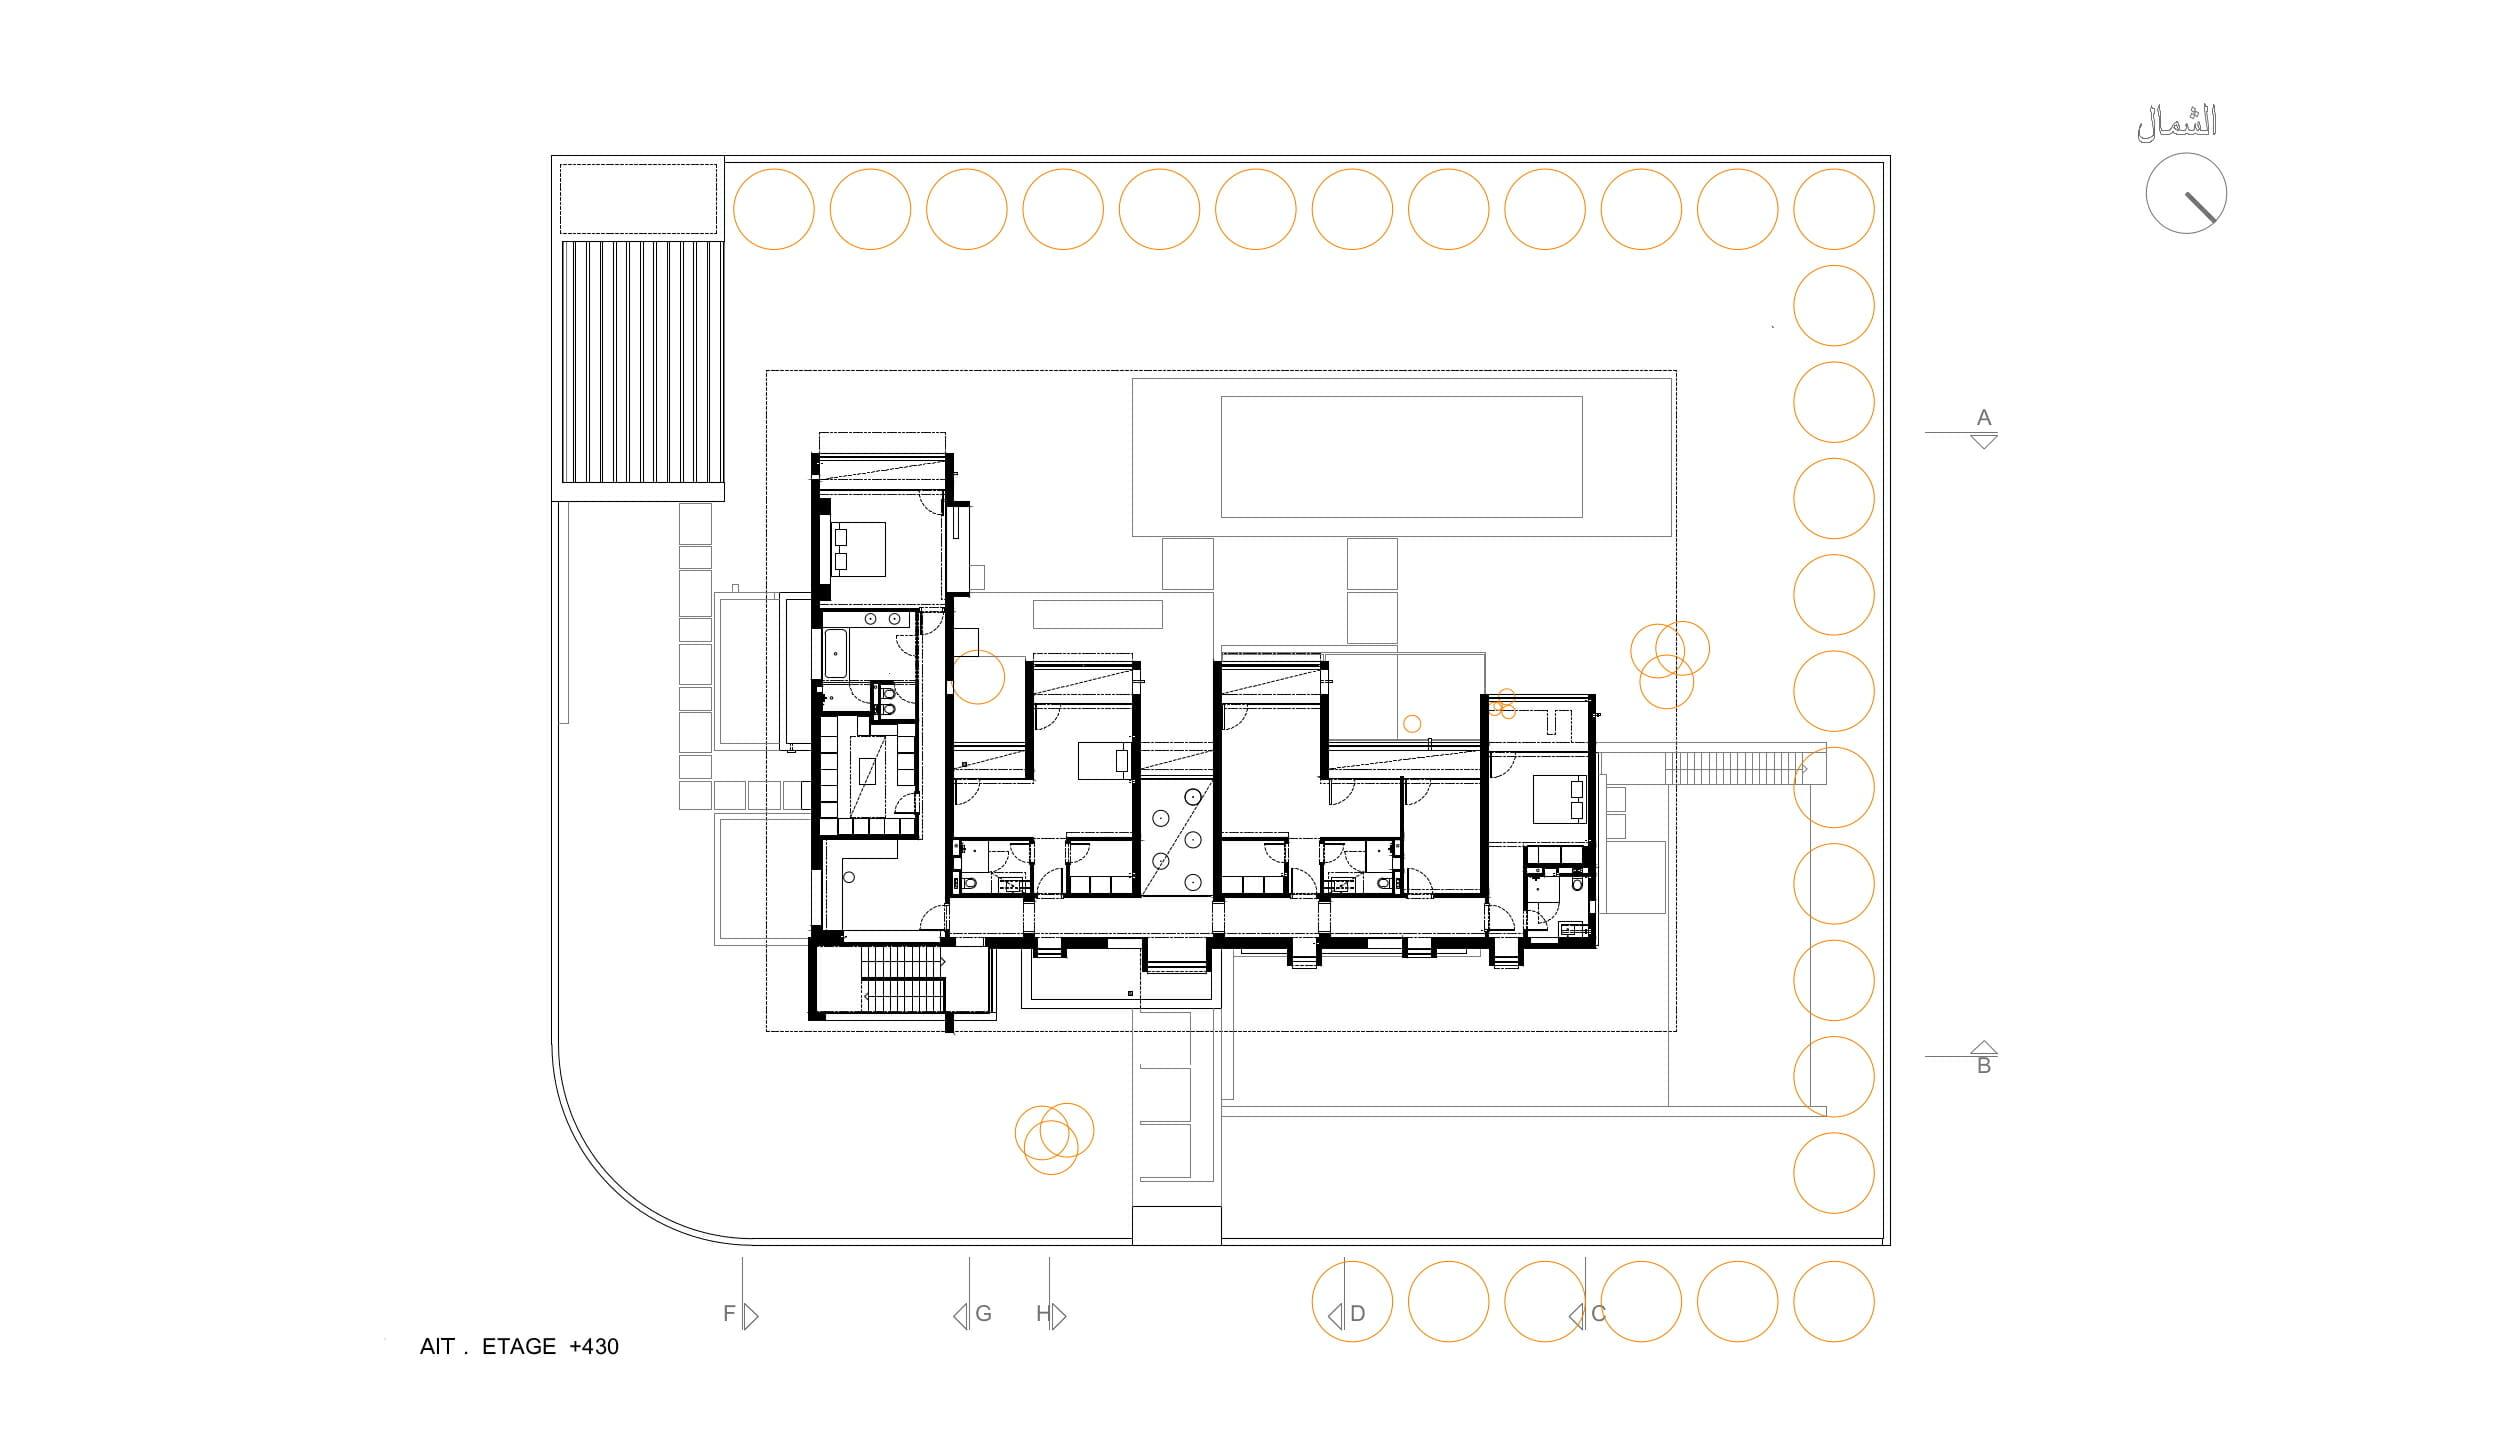 TAHRI.plan 02-etage